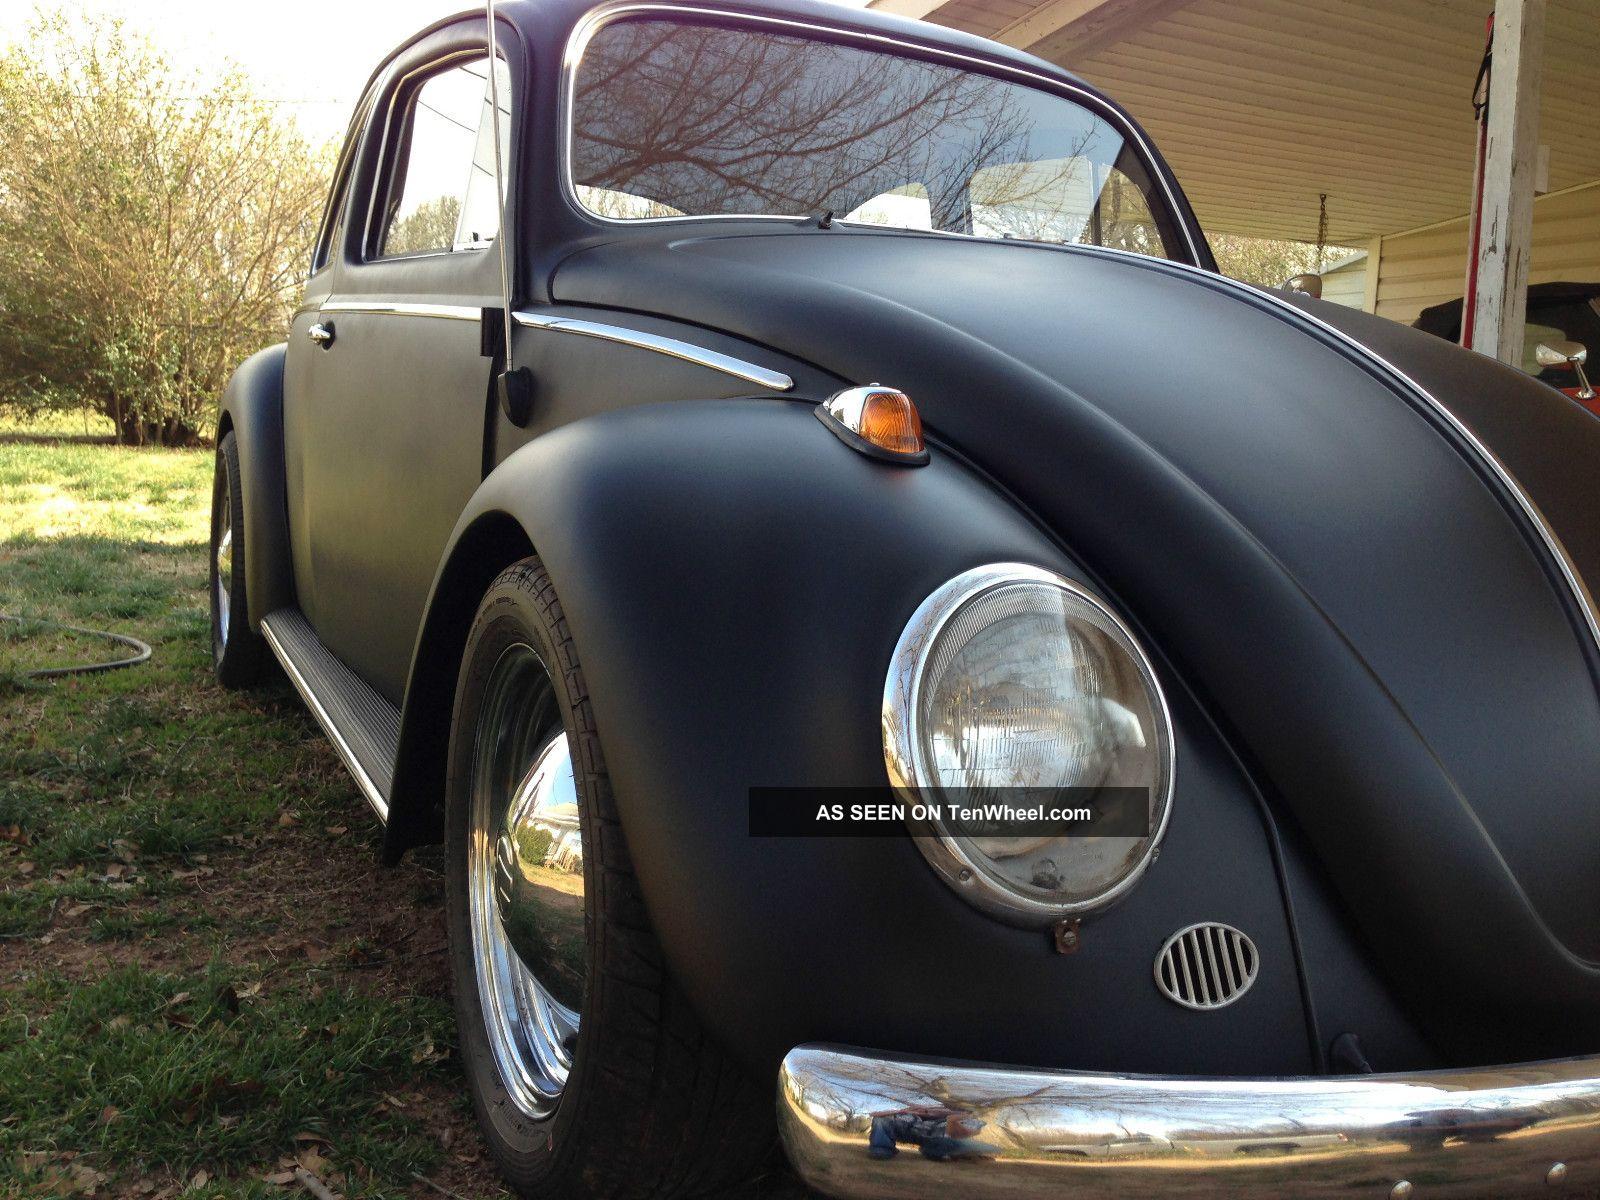 1959 Volkswagen Beetle Classic Beetle - Classic photo